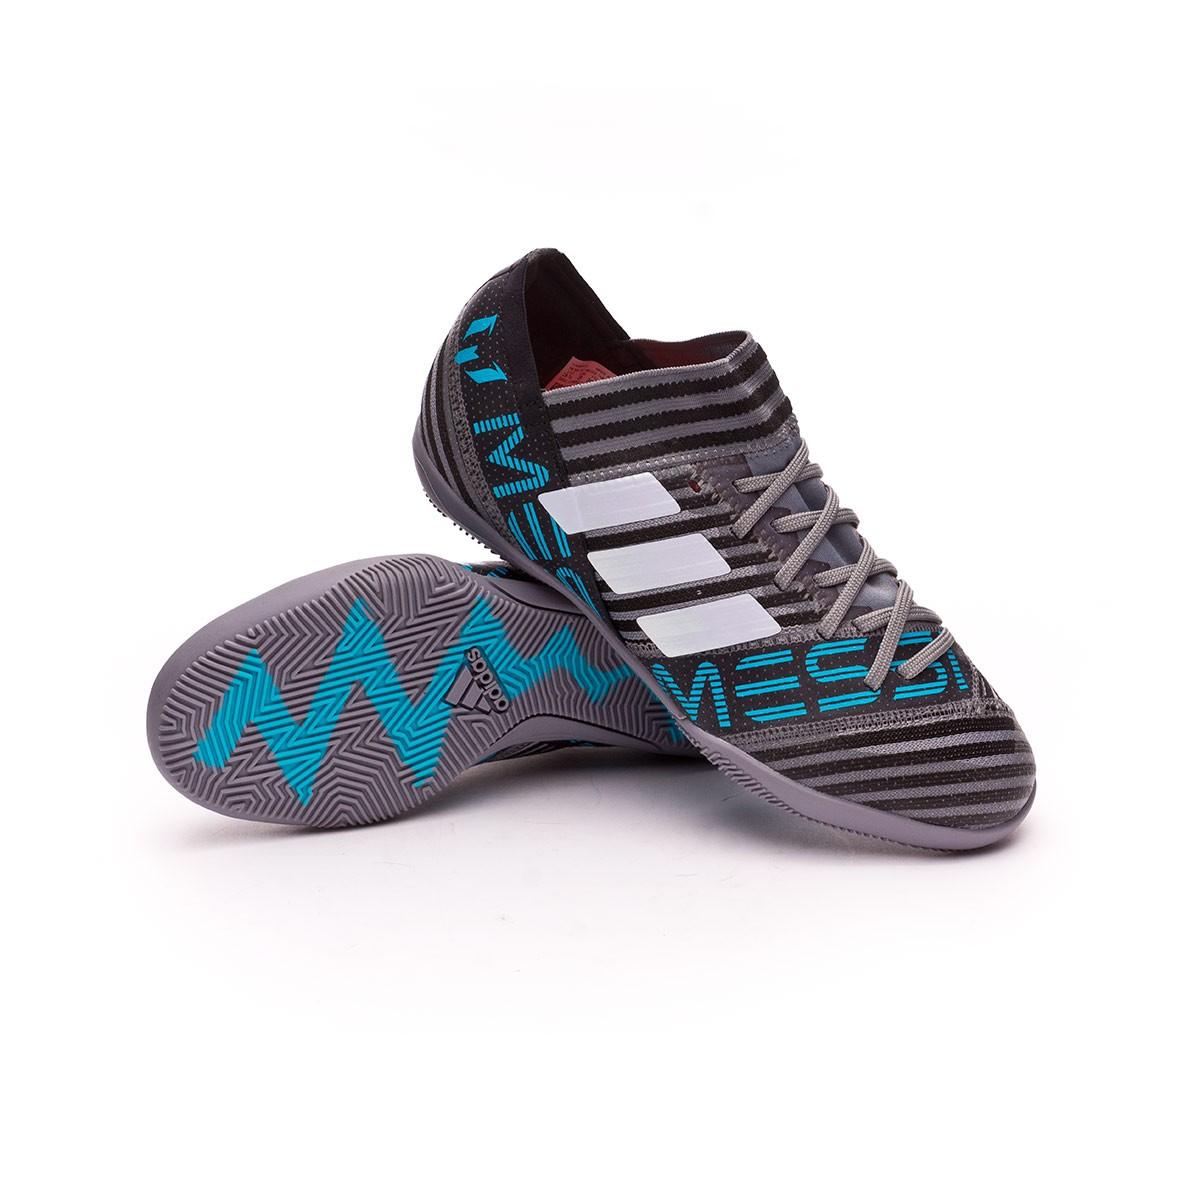 bien conocido nueva alta calidad zapatos para barato adidas Kids Nemeziz Messi Tango 17.3 IN Futsal Boot